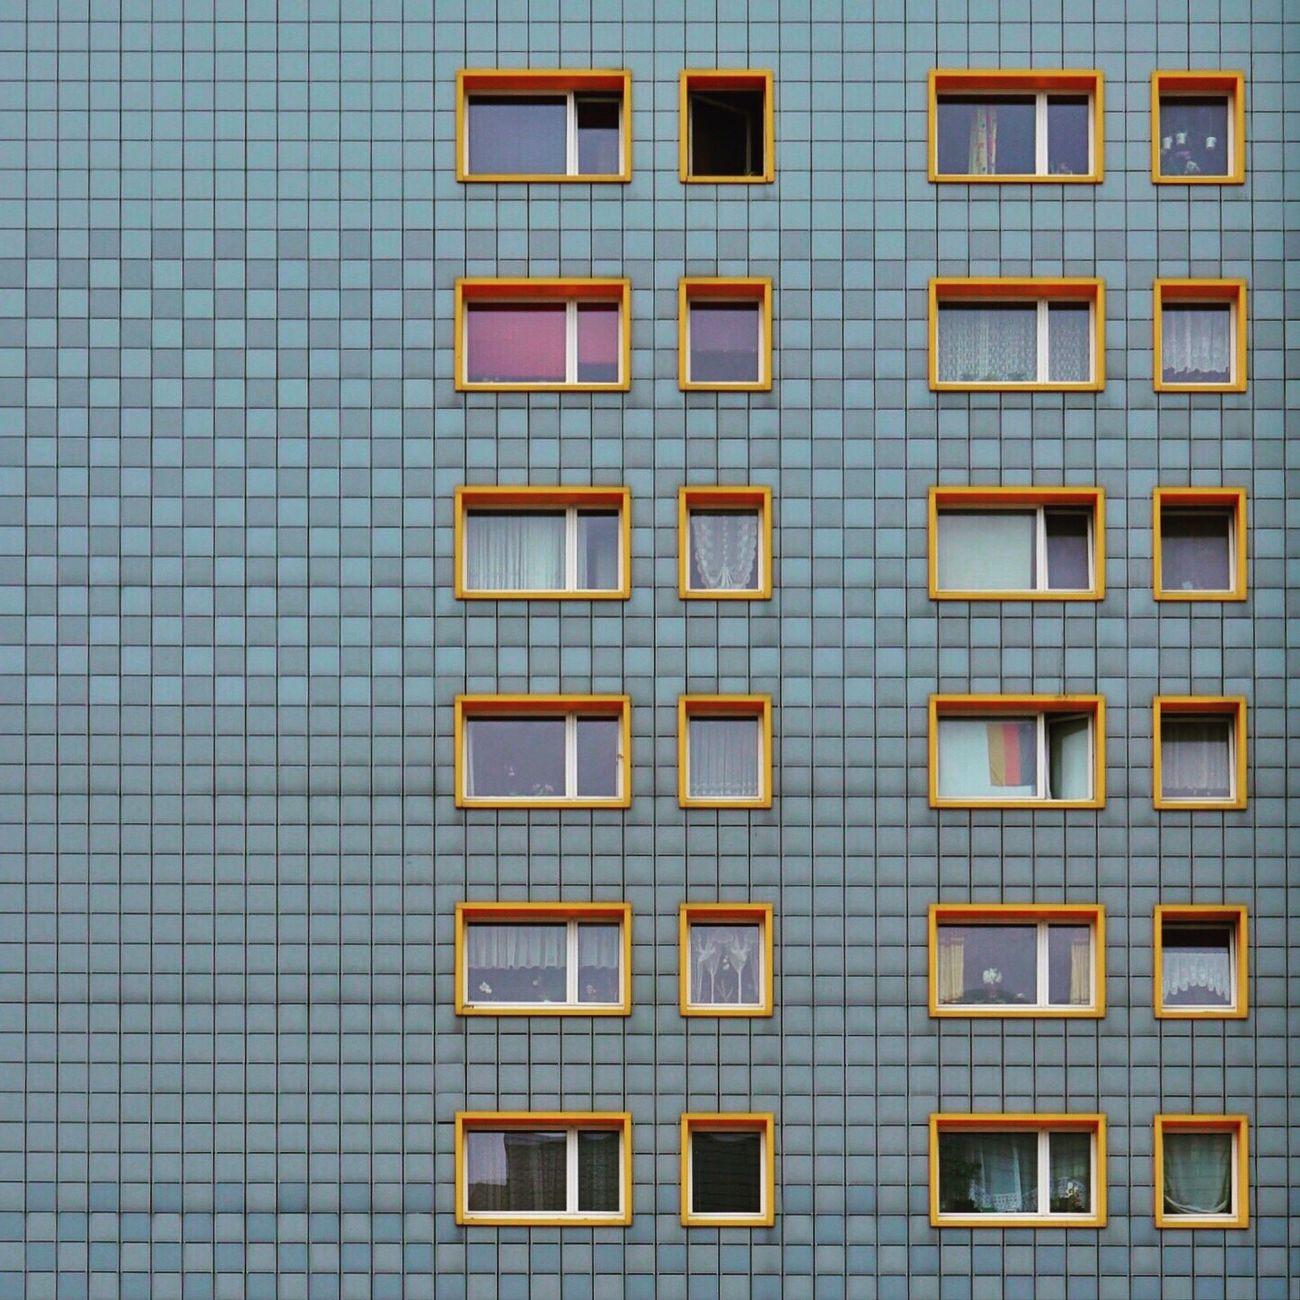 Architecture Facades Architecturelovers Fassade Plattenbau Berlin Berliner Ansichten Berlin Photography The Week Of Eyeem EyeEmNewHere The Architect - 2017 EyeEm Awards